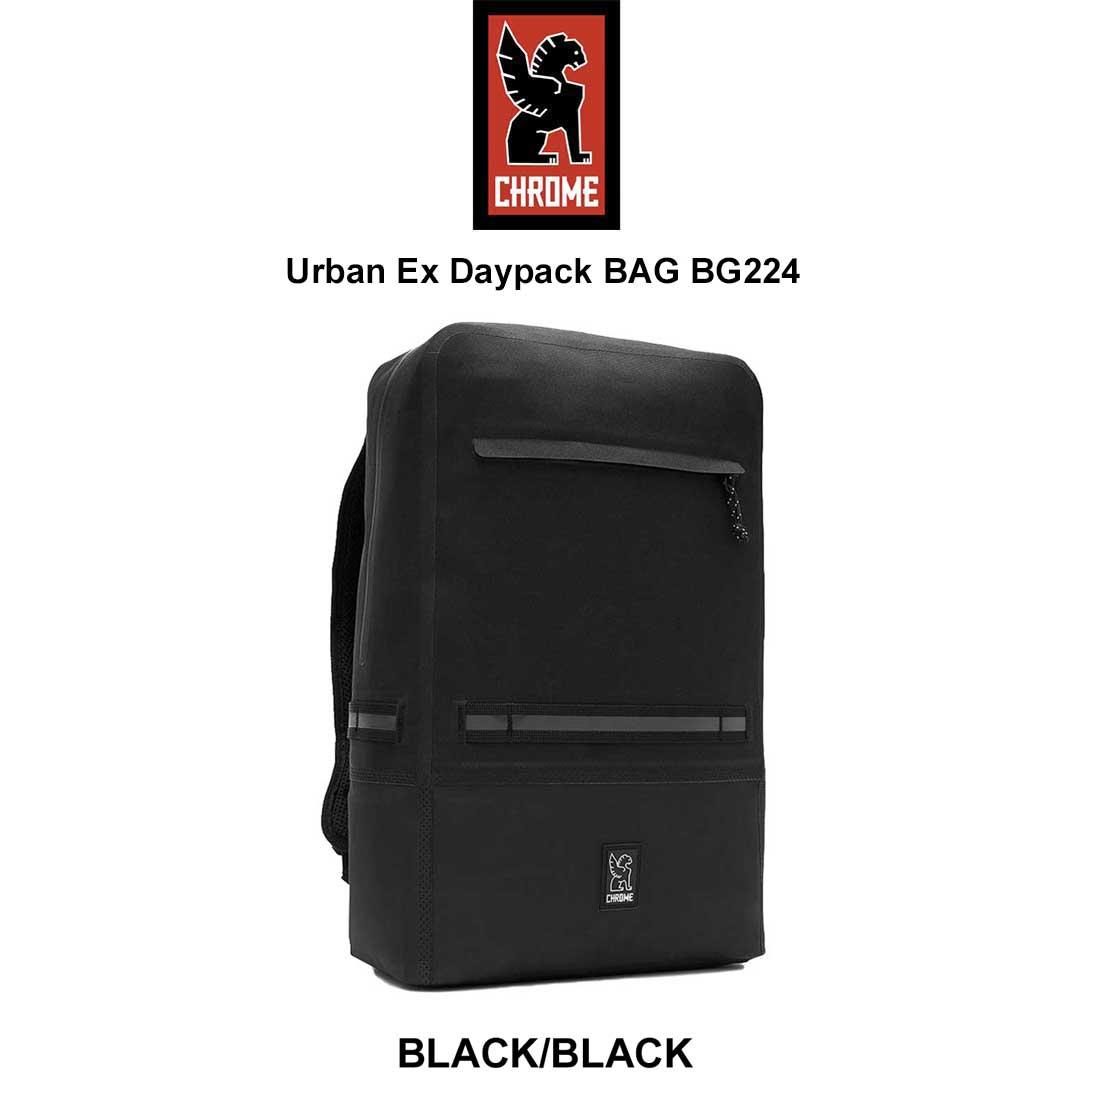 Chrome(クローム)バックパック リュック サイクリング 自転車 ロードバイク Urban Ex Daypack BAG BG224